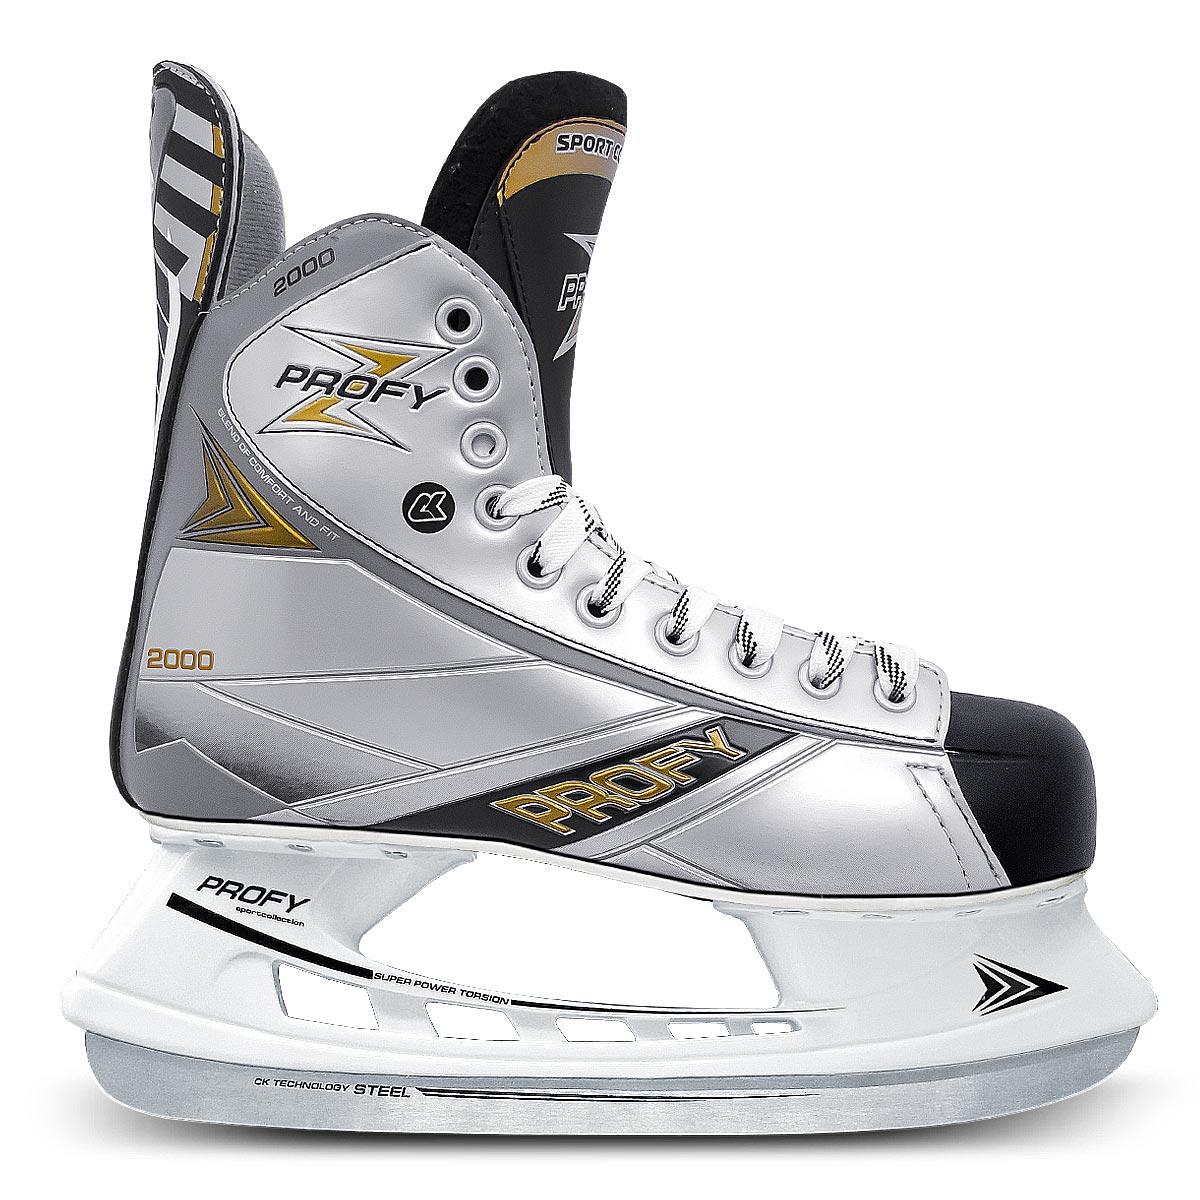 Коньки хоккейные мужские СК Profy Z 2000, цвет: черный, серый. Размер 47